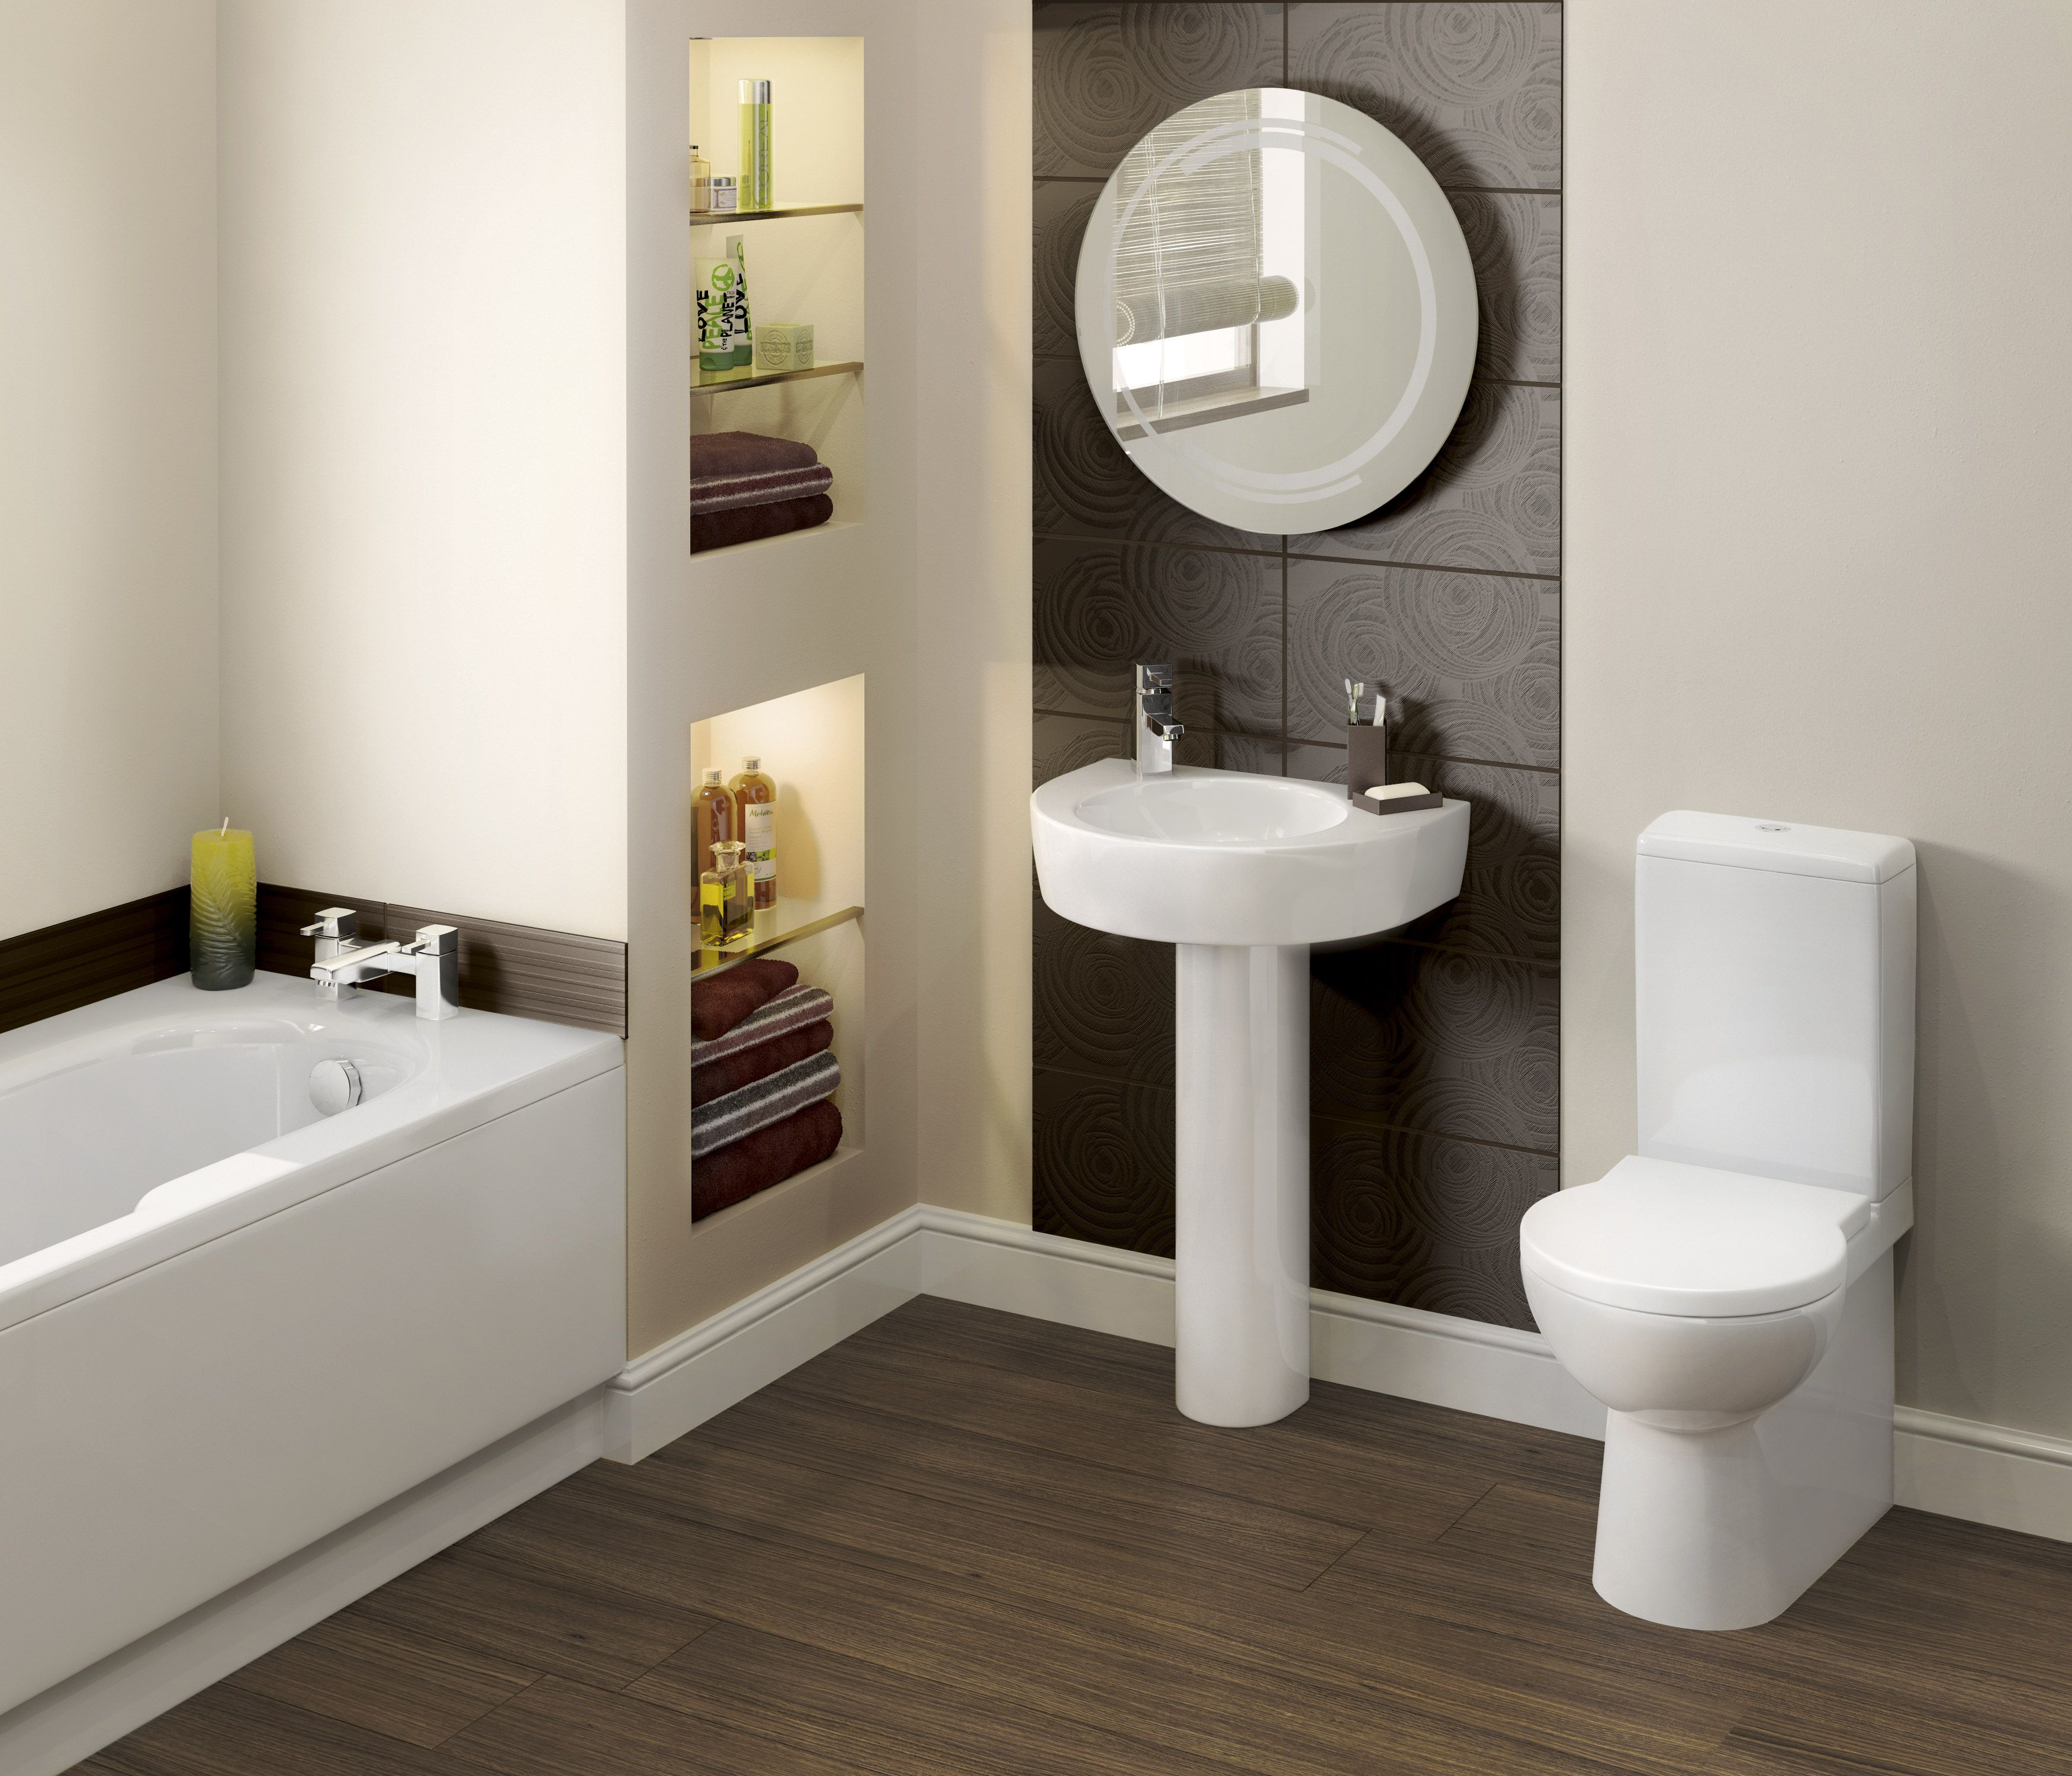 Soluciones Para un Cuarto de Baño Pequeño | baños | Pinterest ...